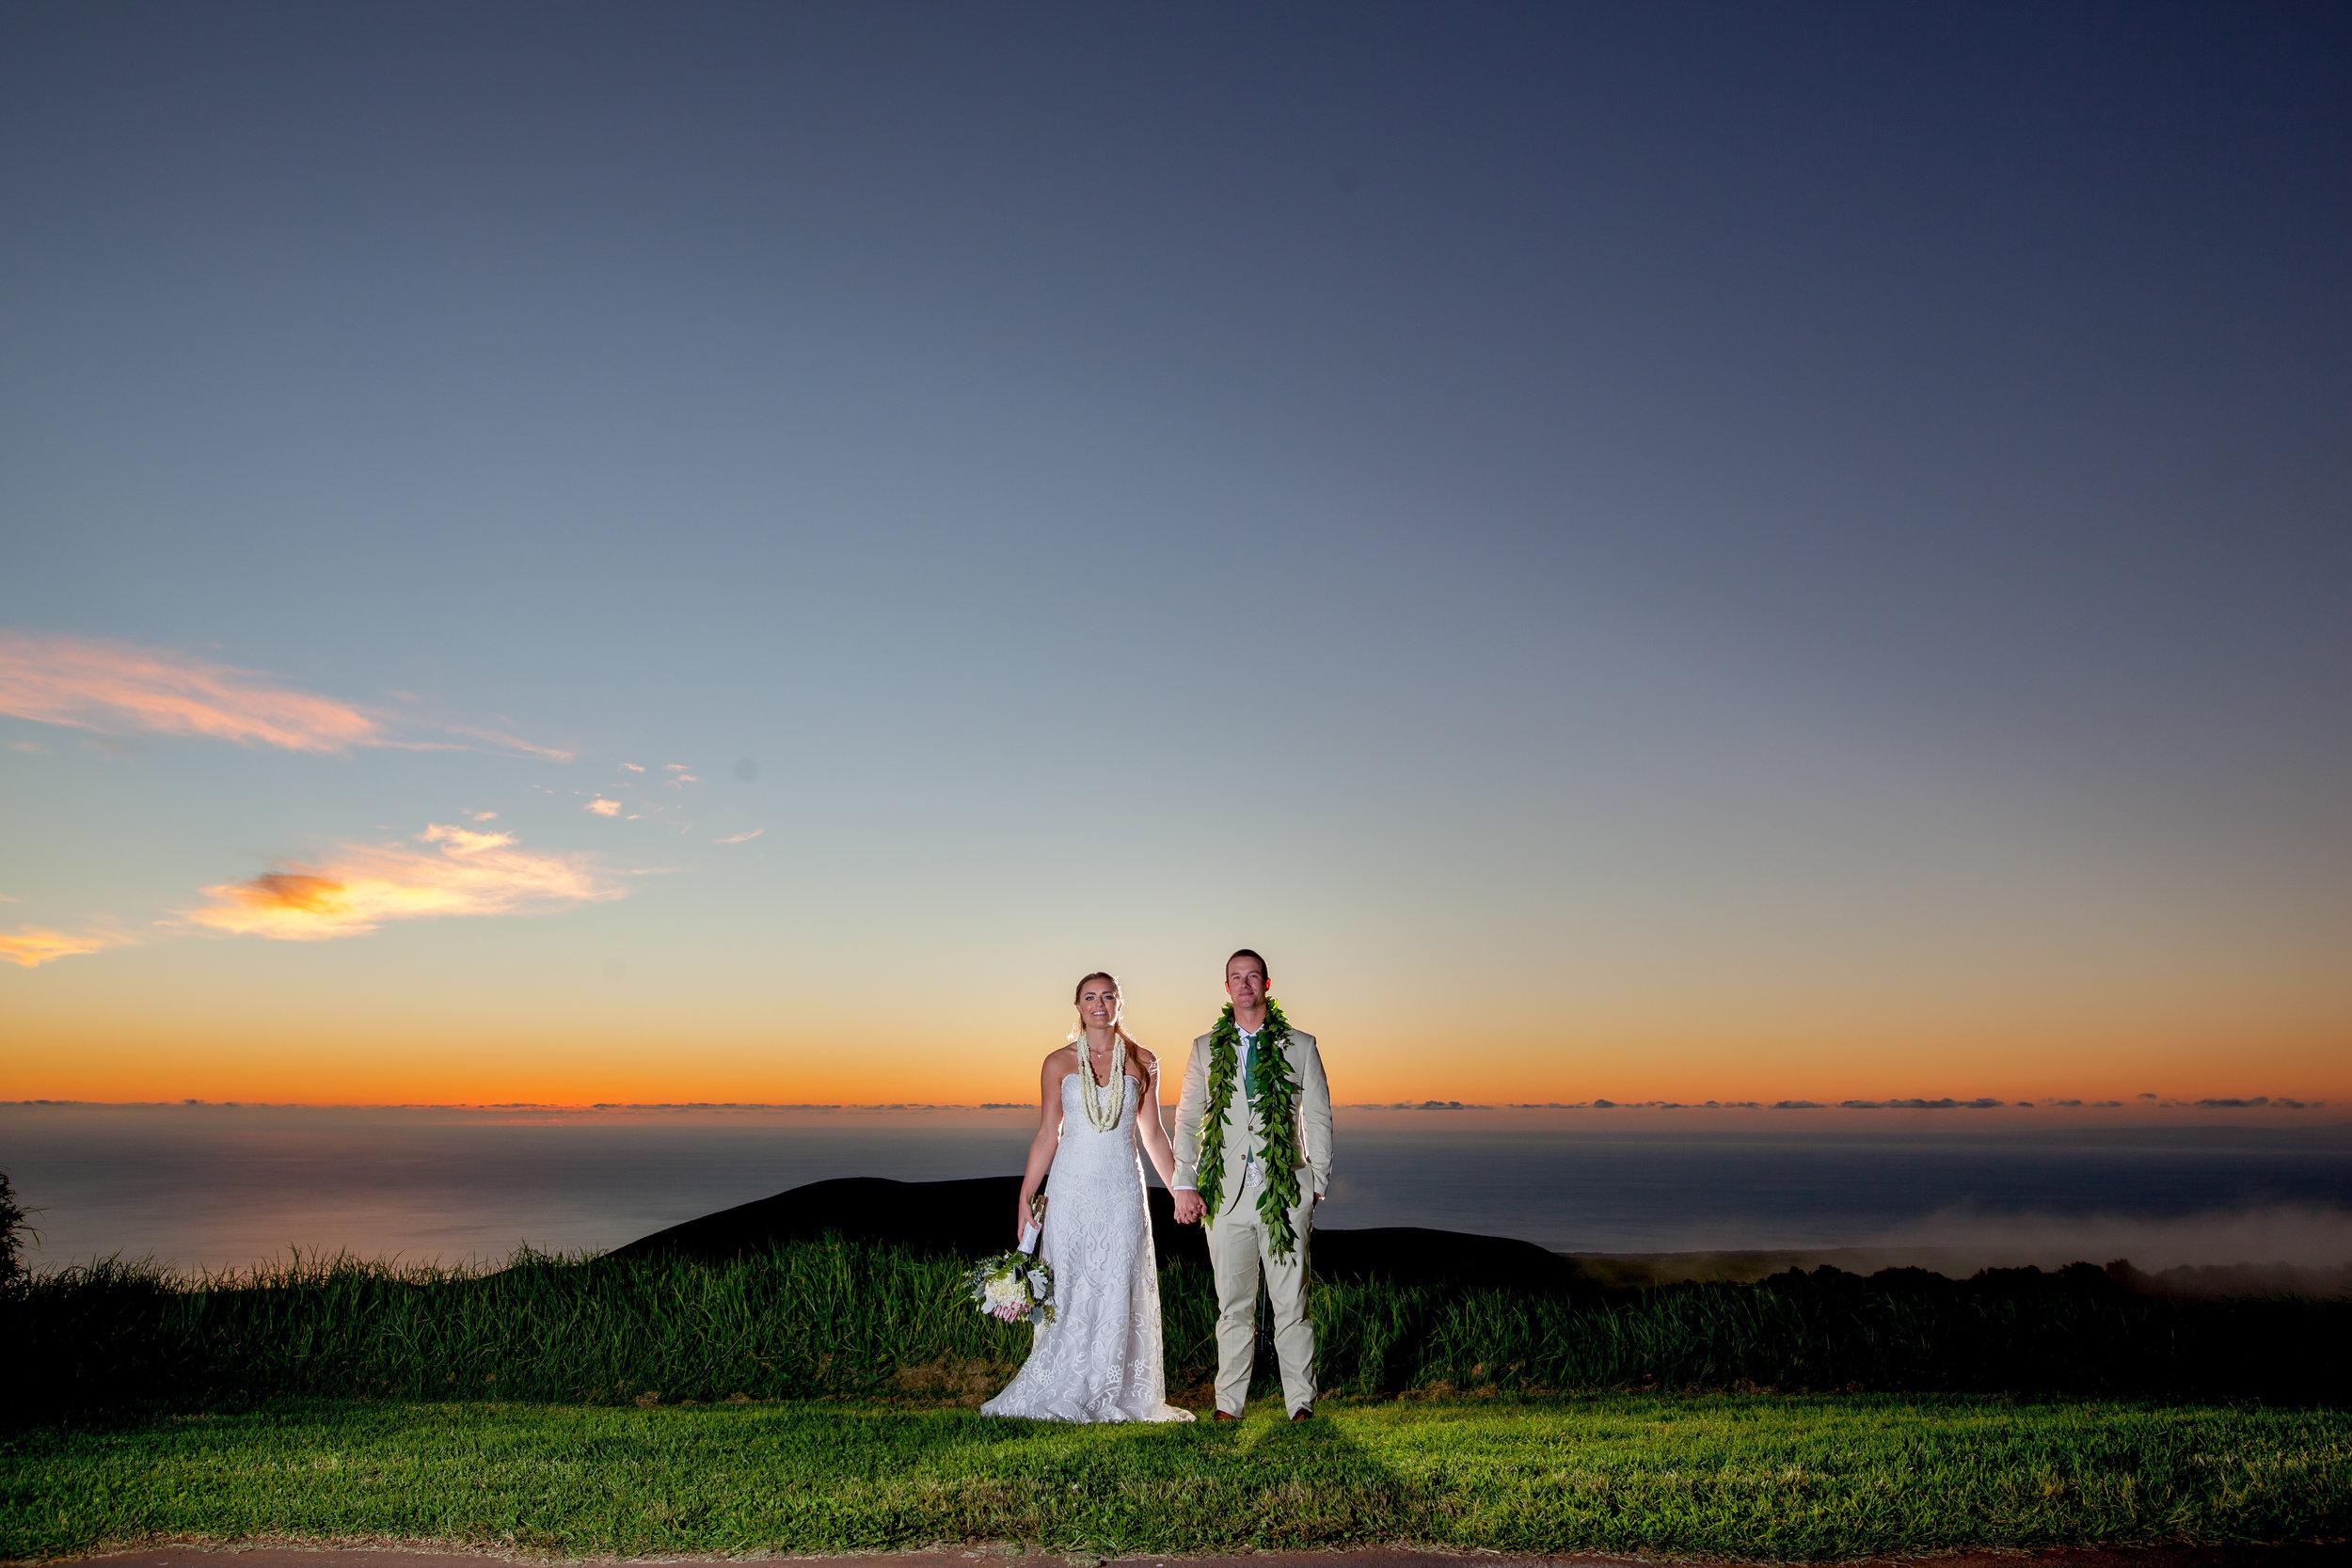 big island hawaii kahua ranch wedding © kelilina photography 20170106180755.jpg